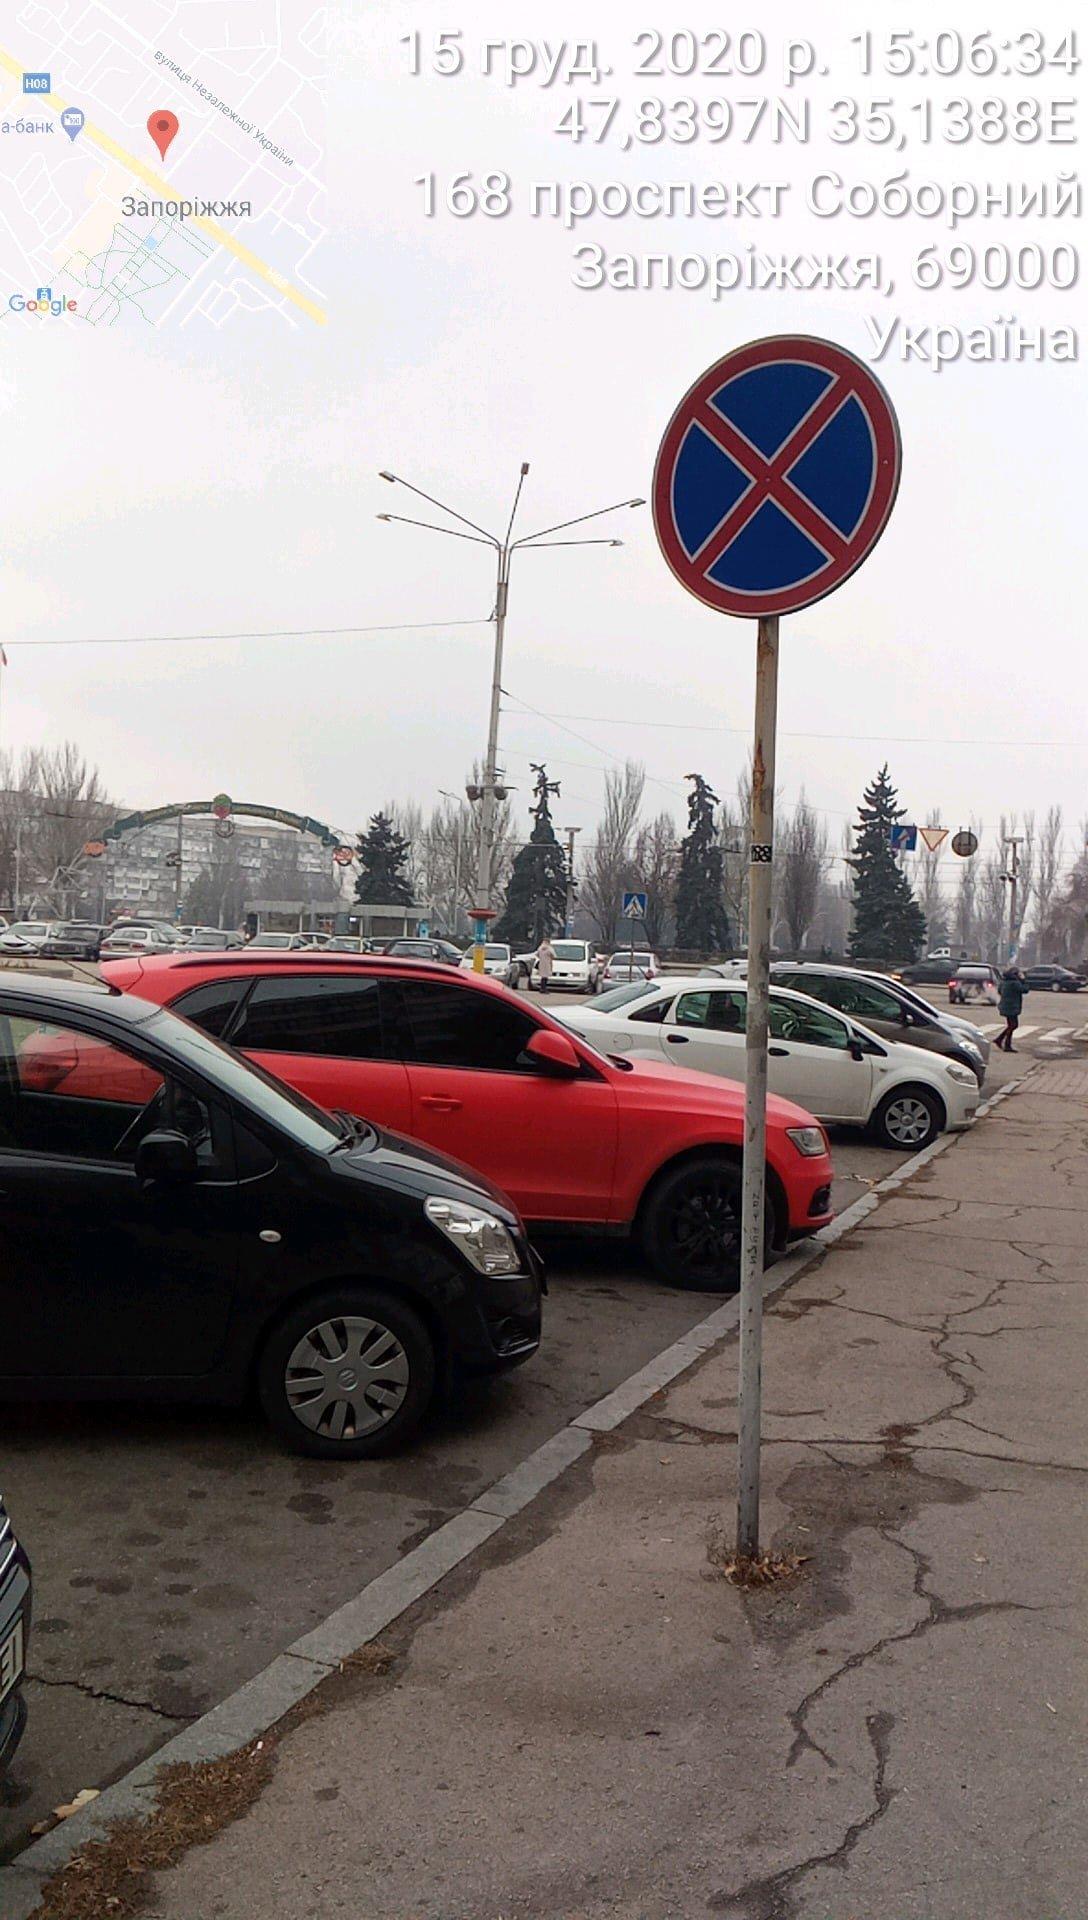 Инспекторы выписали два десятка штрафов за неправильную парковку в районе Запорожской ОГА, - ФОТО, фото-3